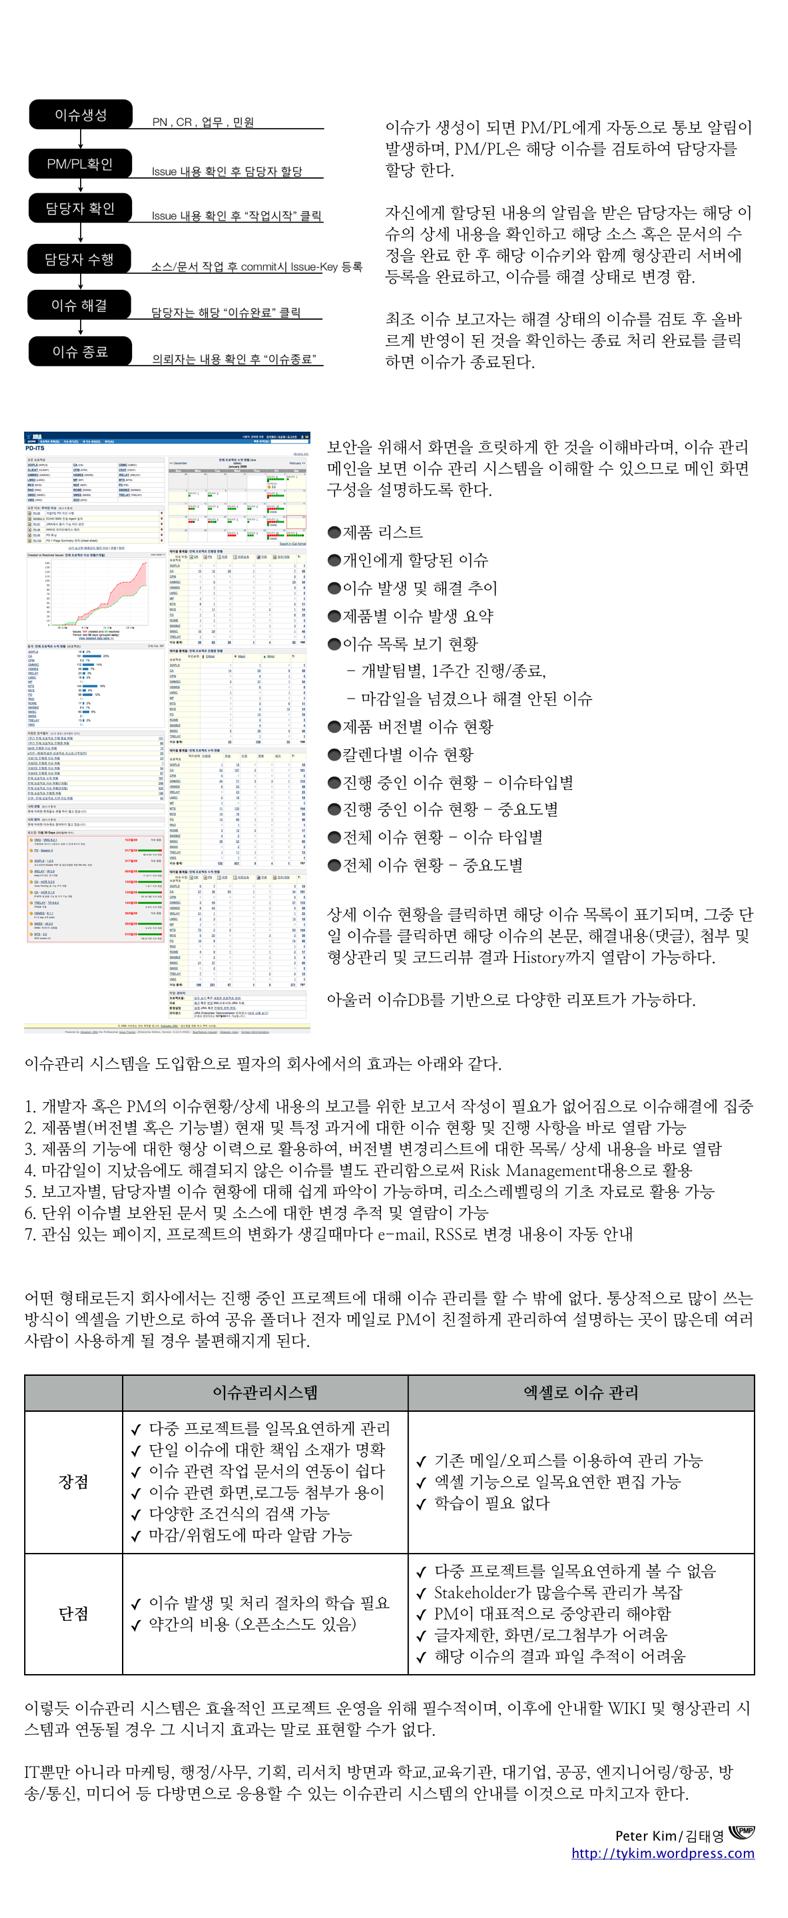 이슈관리 도입사례-2편-PD-02.png